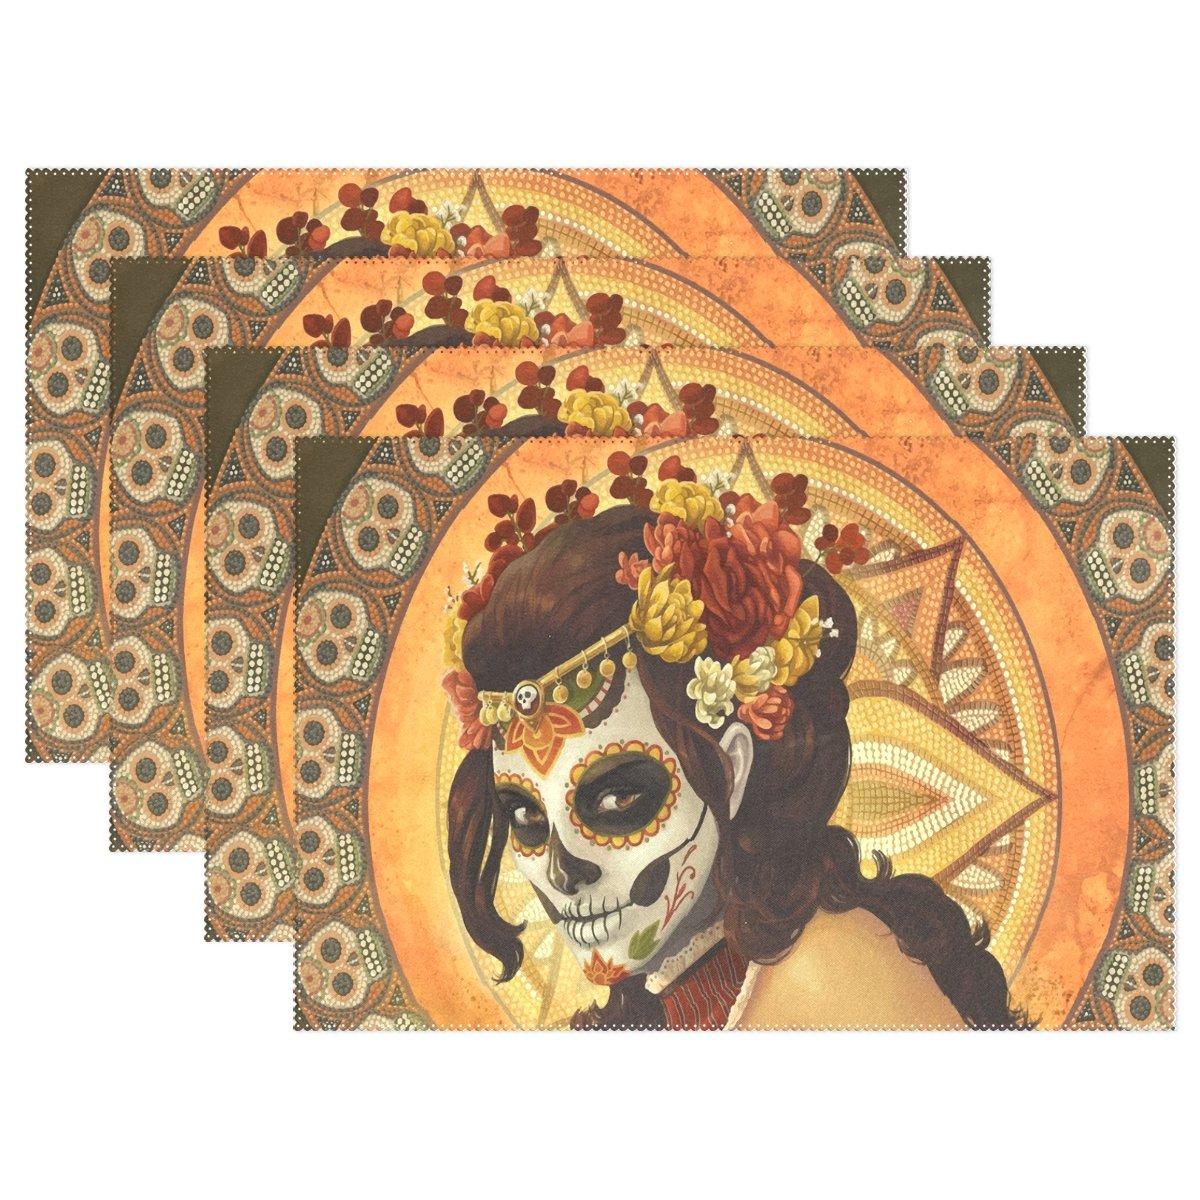 yochoiceヒップスターDay of the Dead Sugar Skull Faceプレースマットプレートホルダーのセット1、スタイリッシュなポリエステルテーブルの配置マットプロテクターキッチンダイニングルーム12